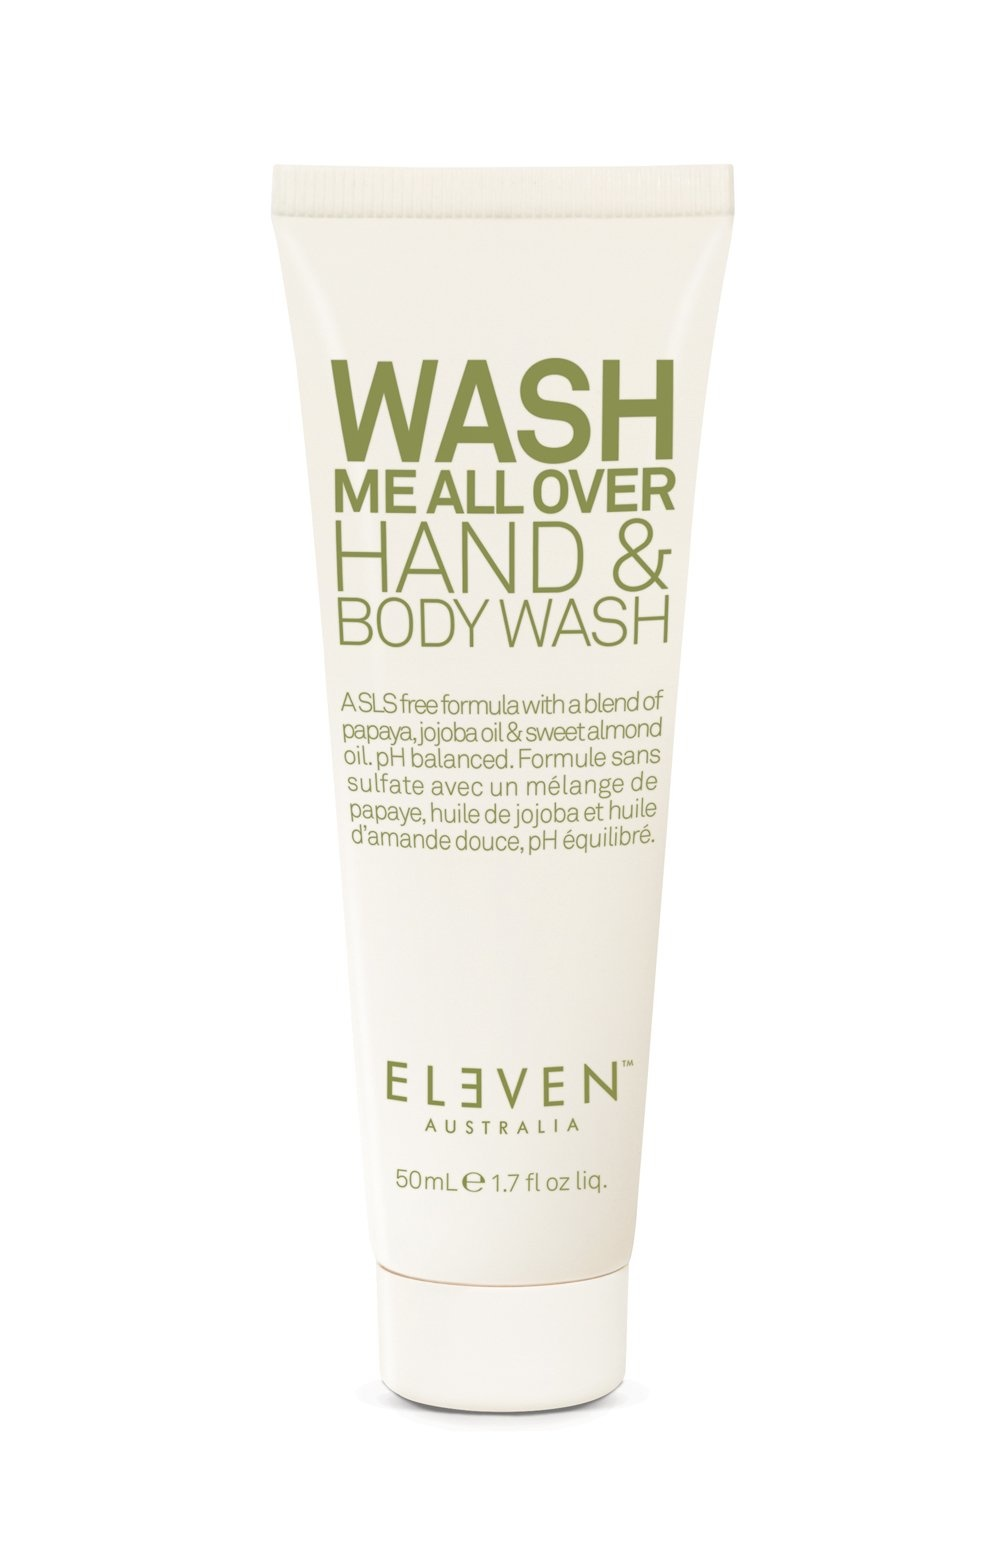 Eleven Australia Wash Me All Over Hand & Body wash